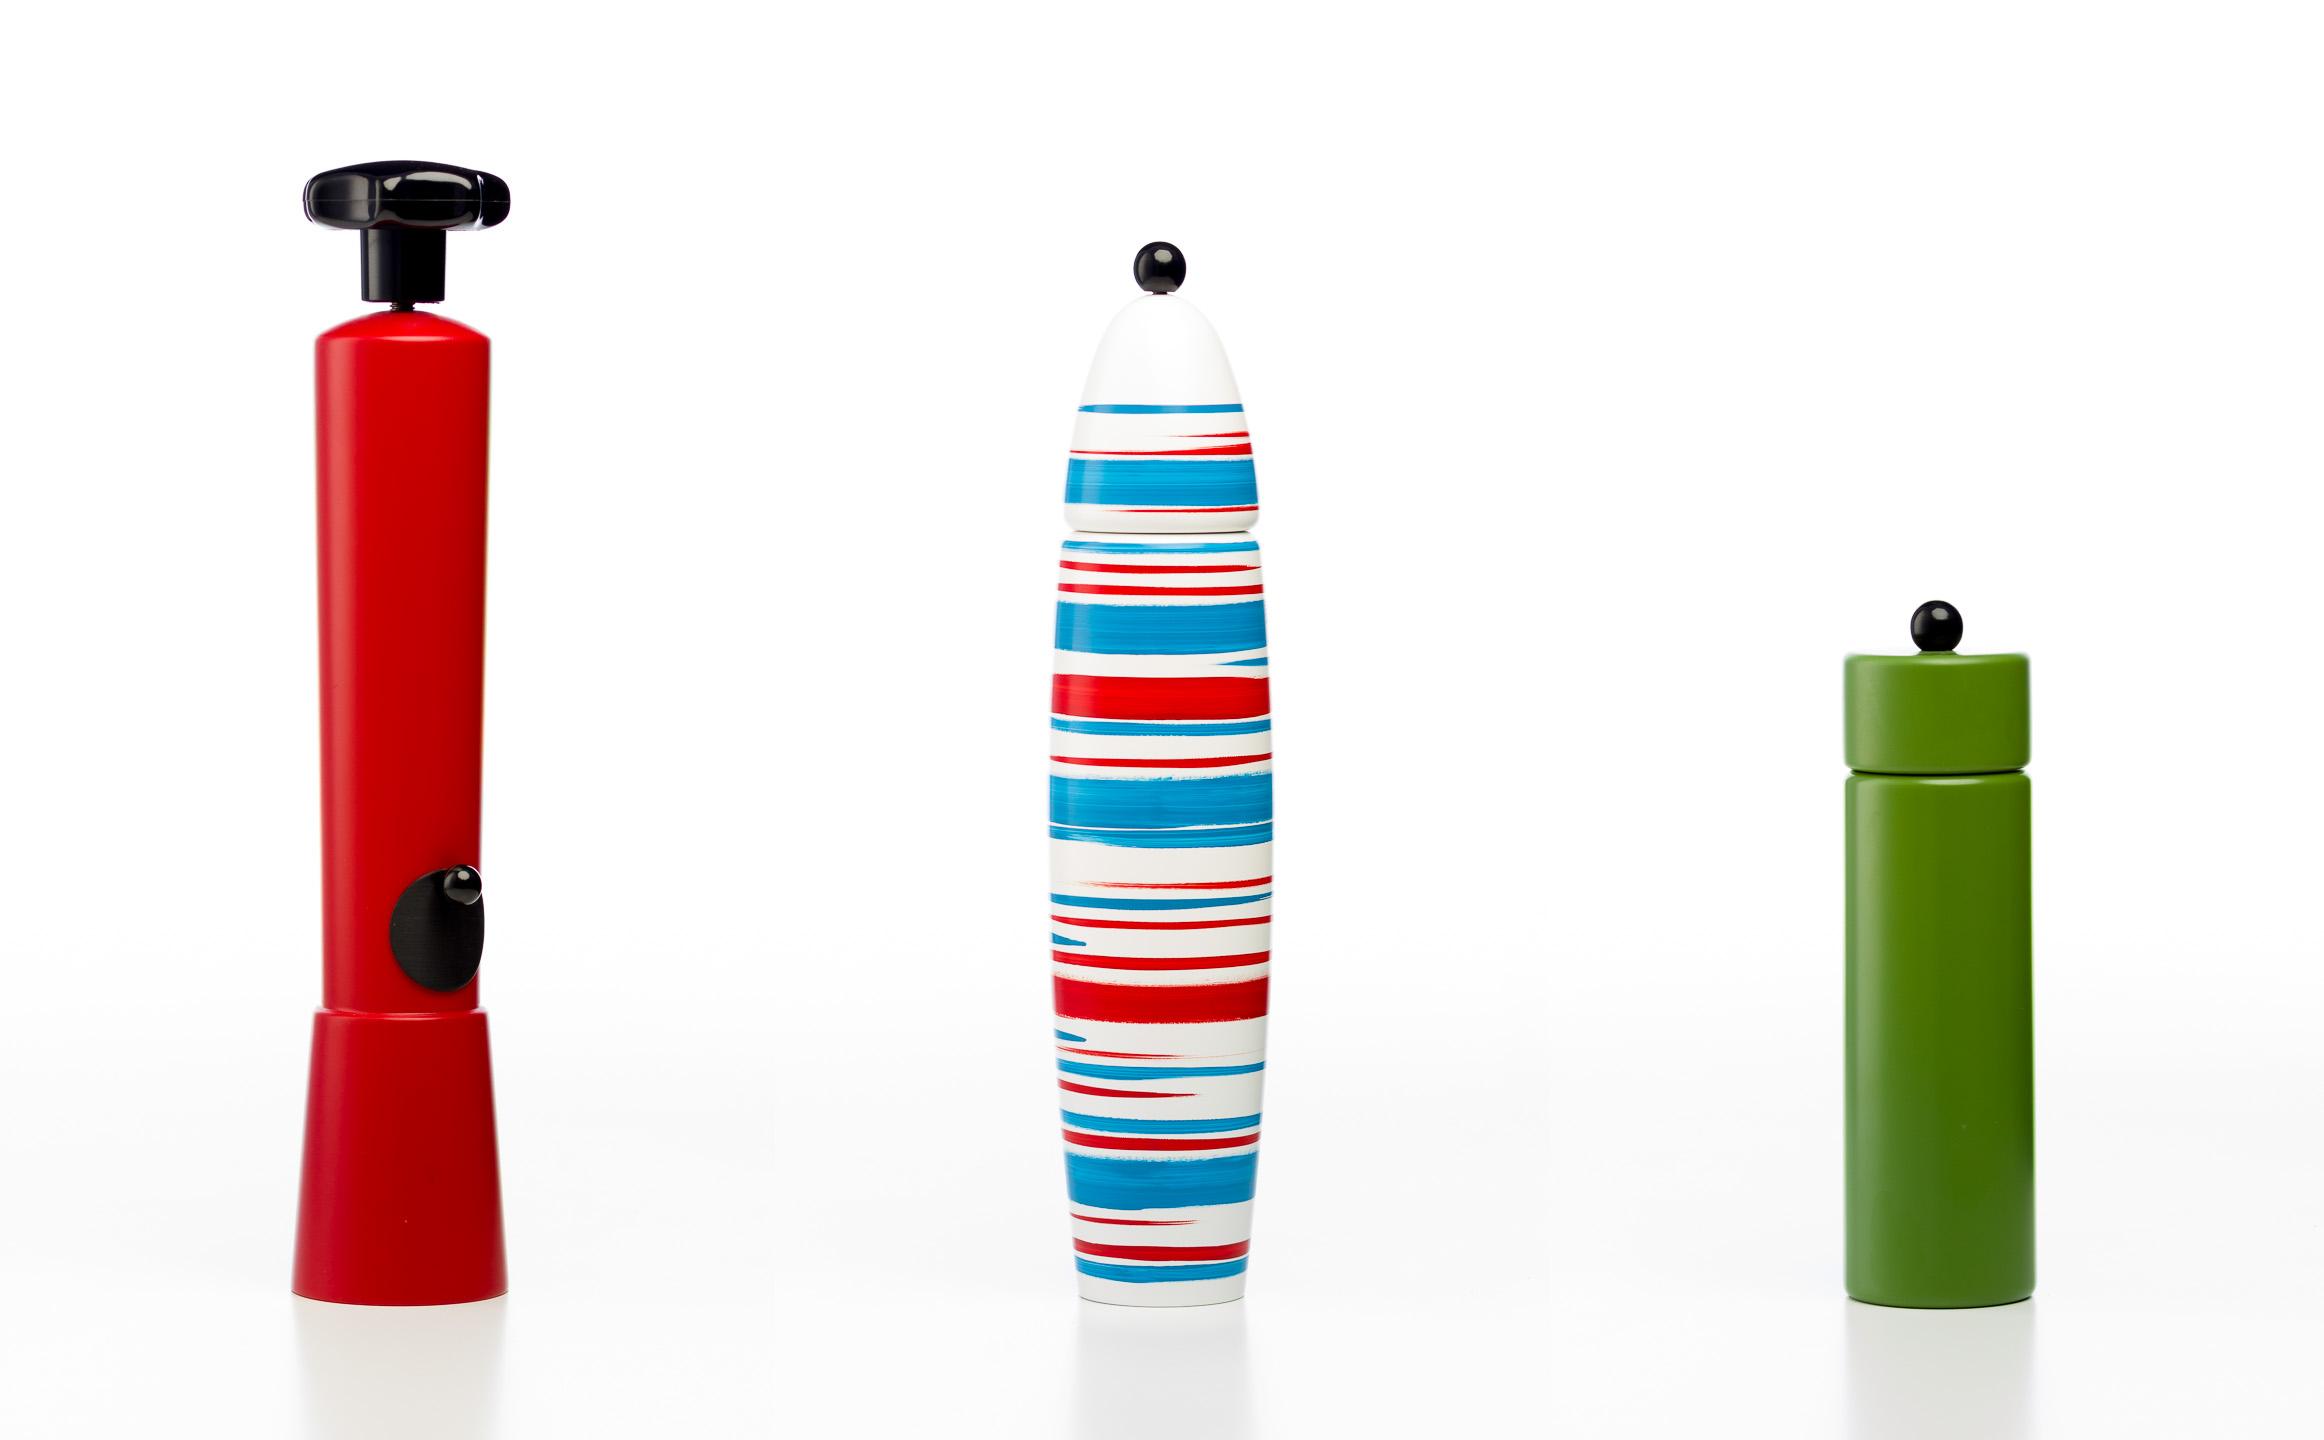 Fotos von Pfeffermühlen für Webshop oder Katalog vor weißem Hintergrund